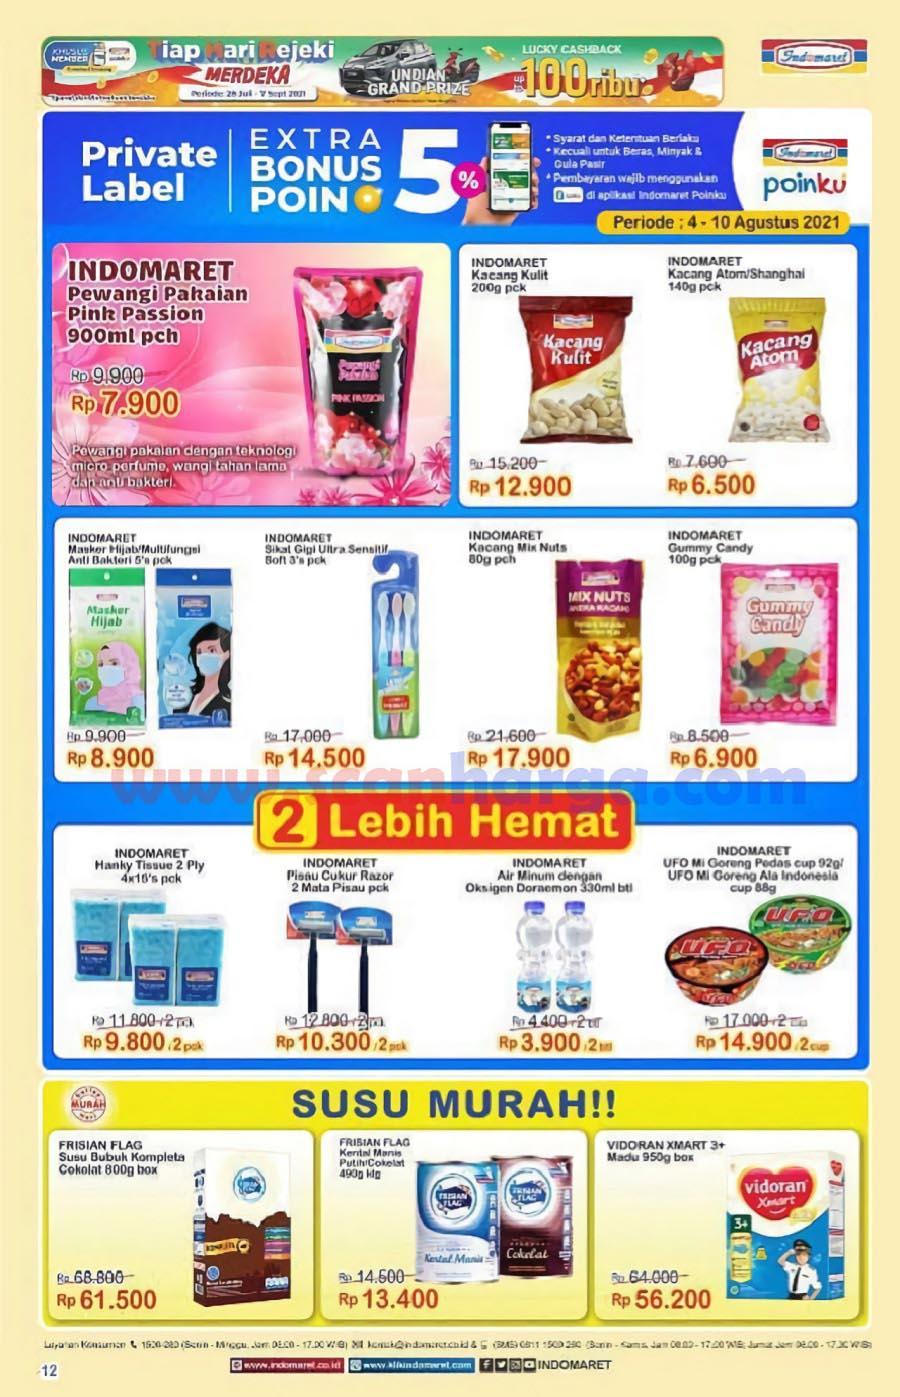 Katalog Indomaret Promo Terbaru 4 - 10 Agustus 2021 12